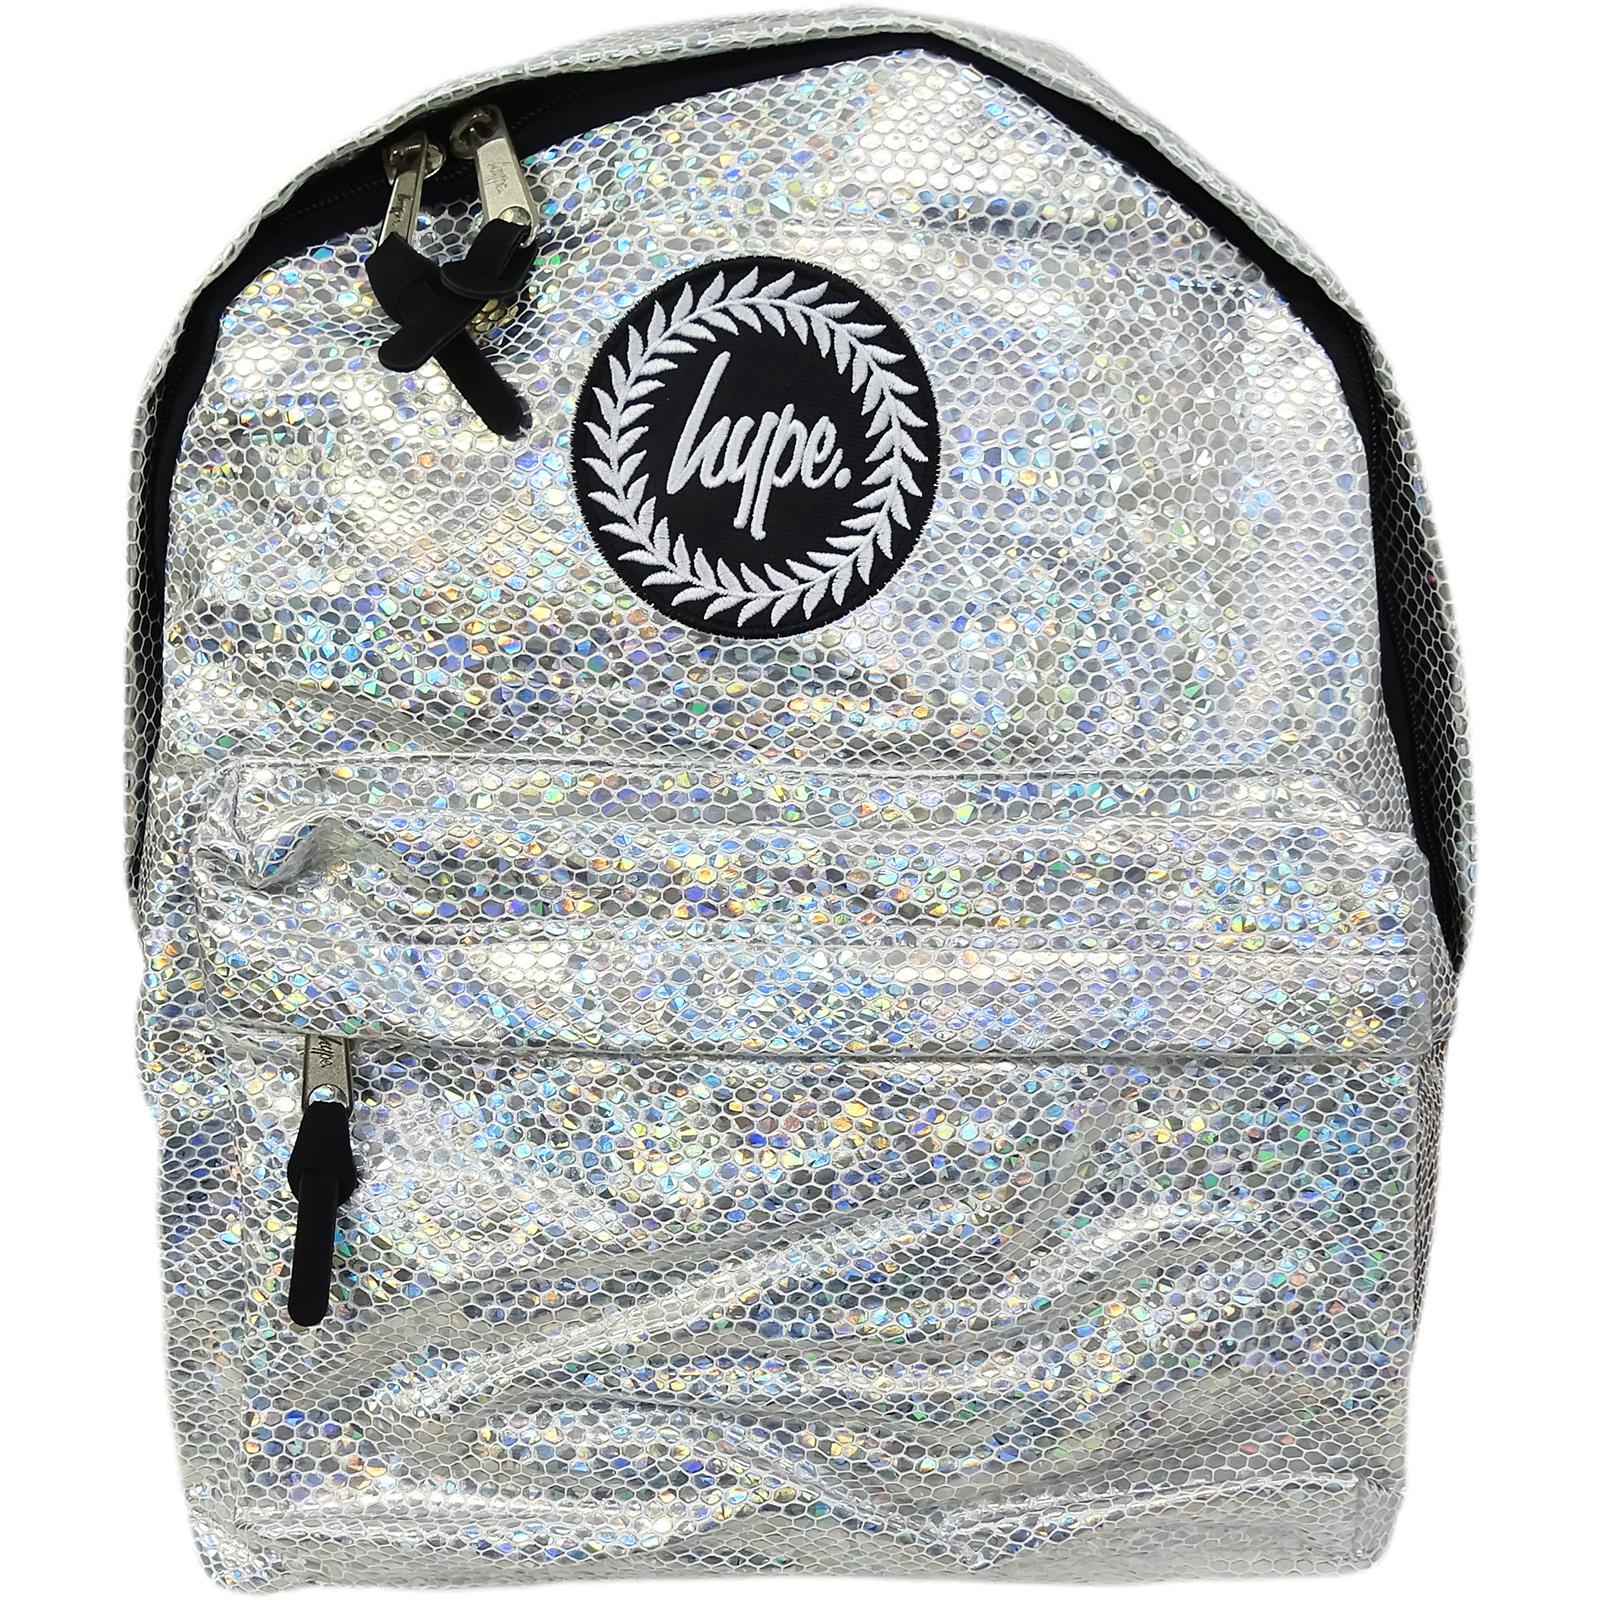 Hype Silver Backpack / Rucksack Bag Glitter Snake